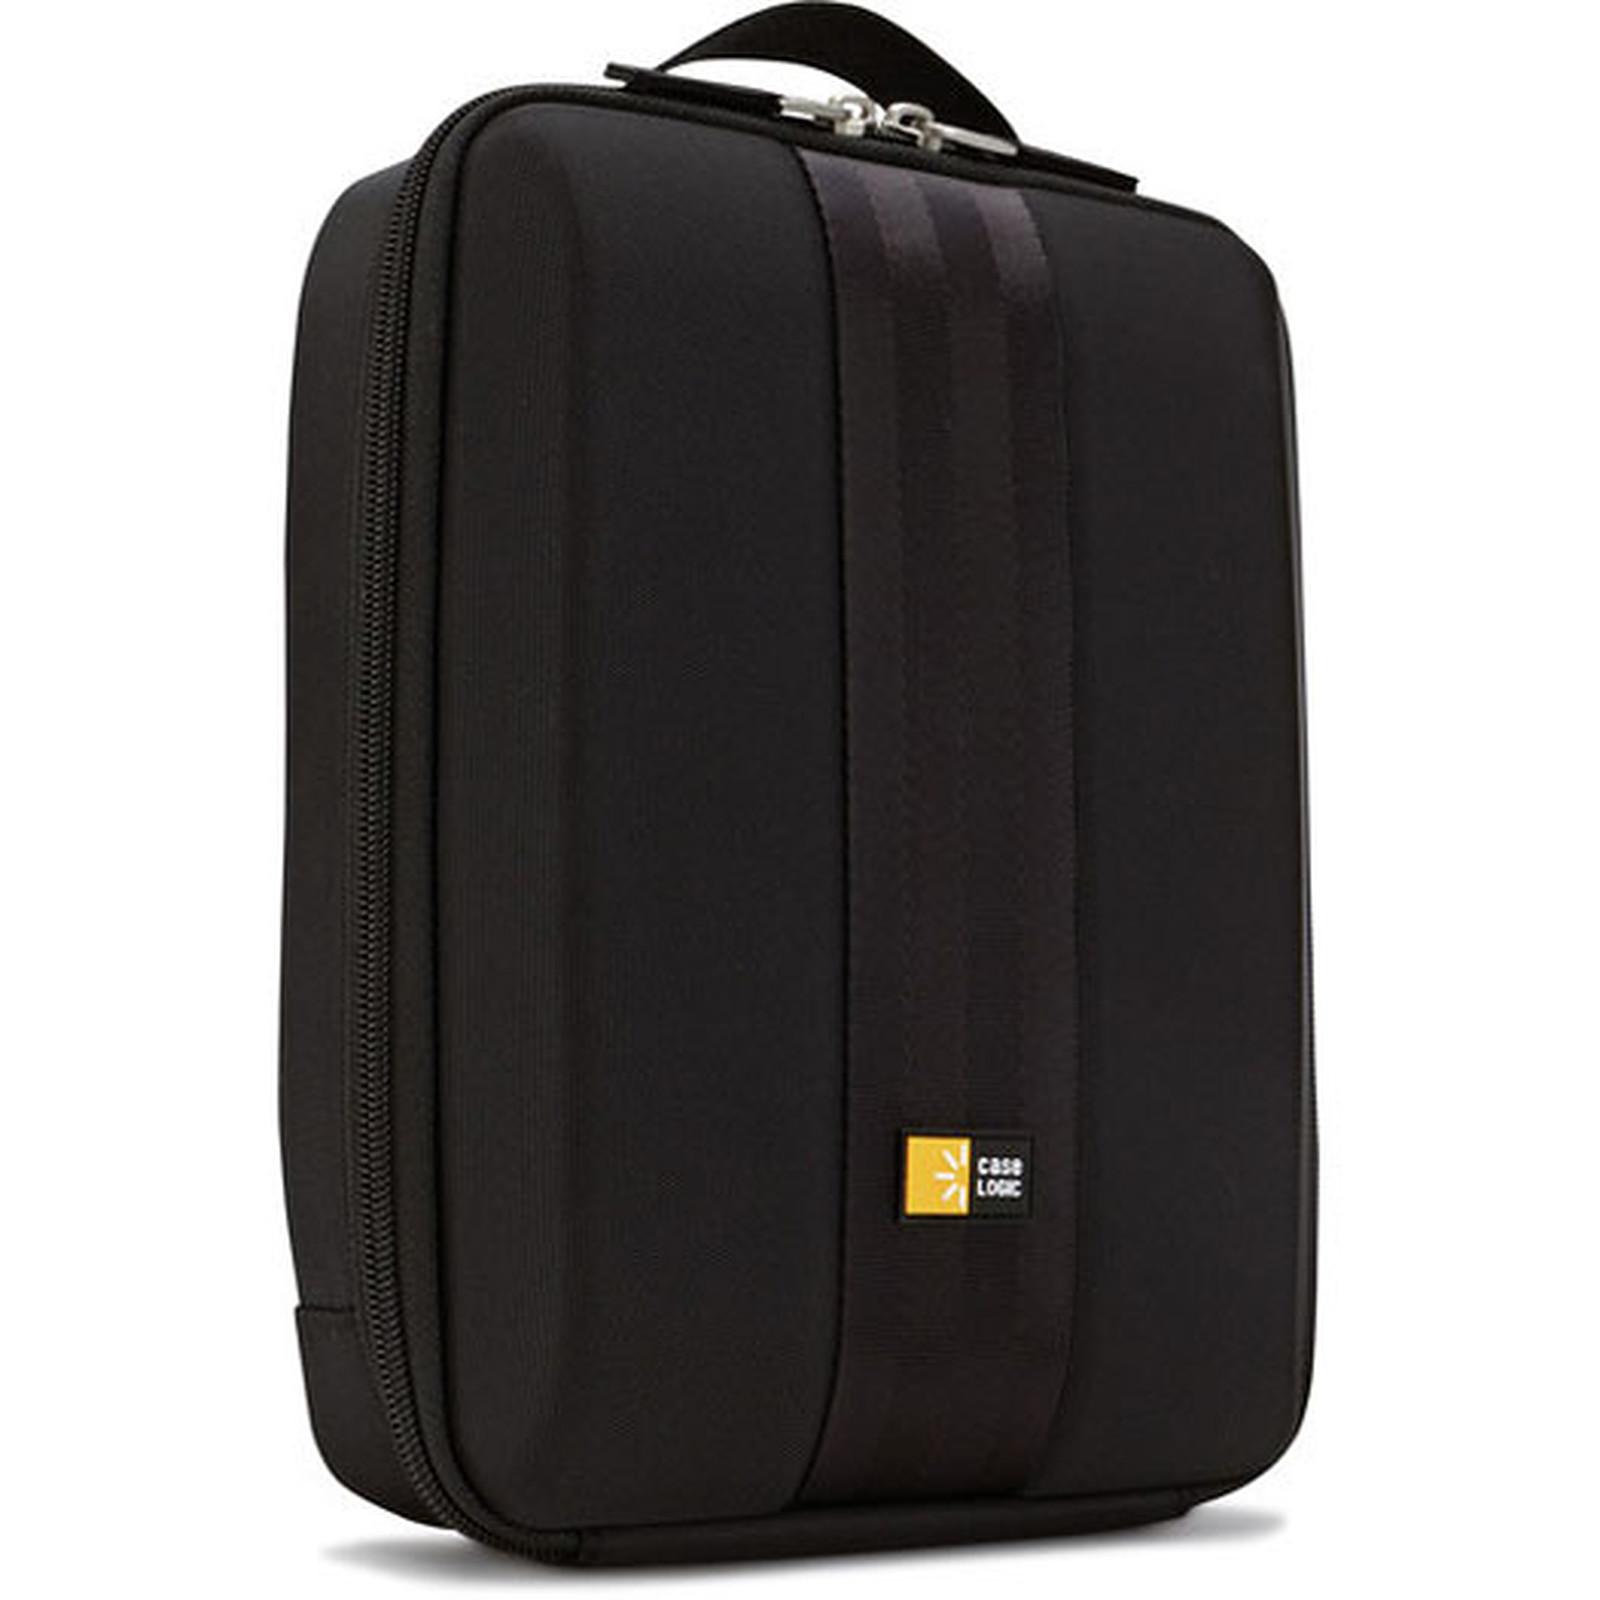 Case Logic QHDC-102 Noir